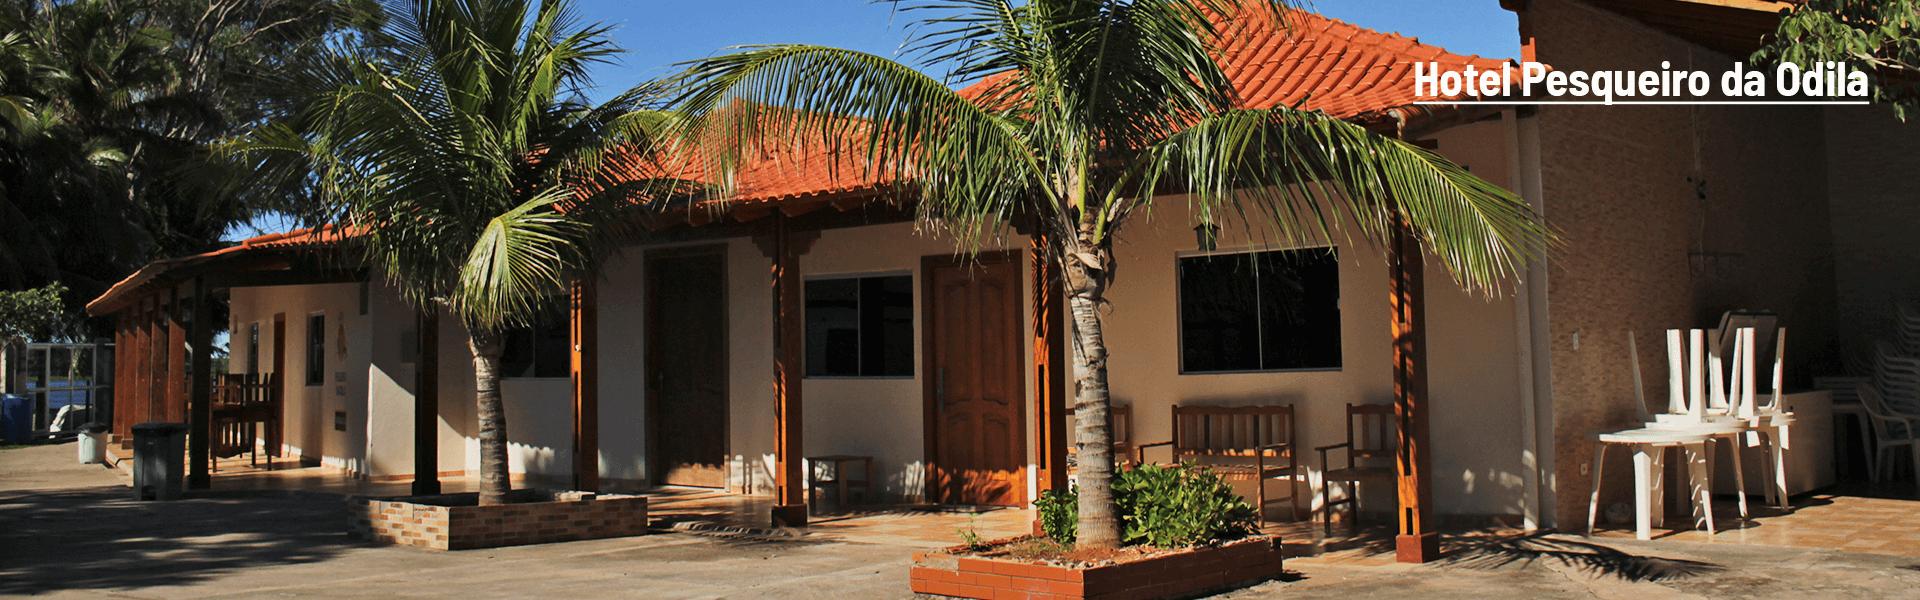 Hotel Pesqueiro da Odila renova com a Fish TV